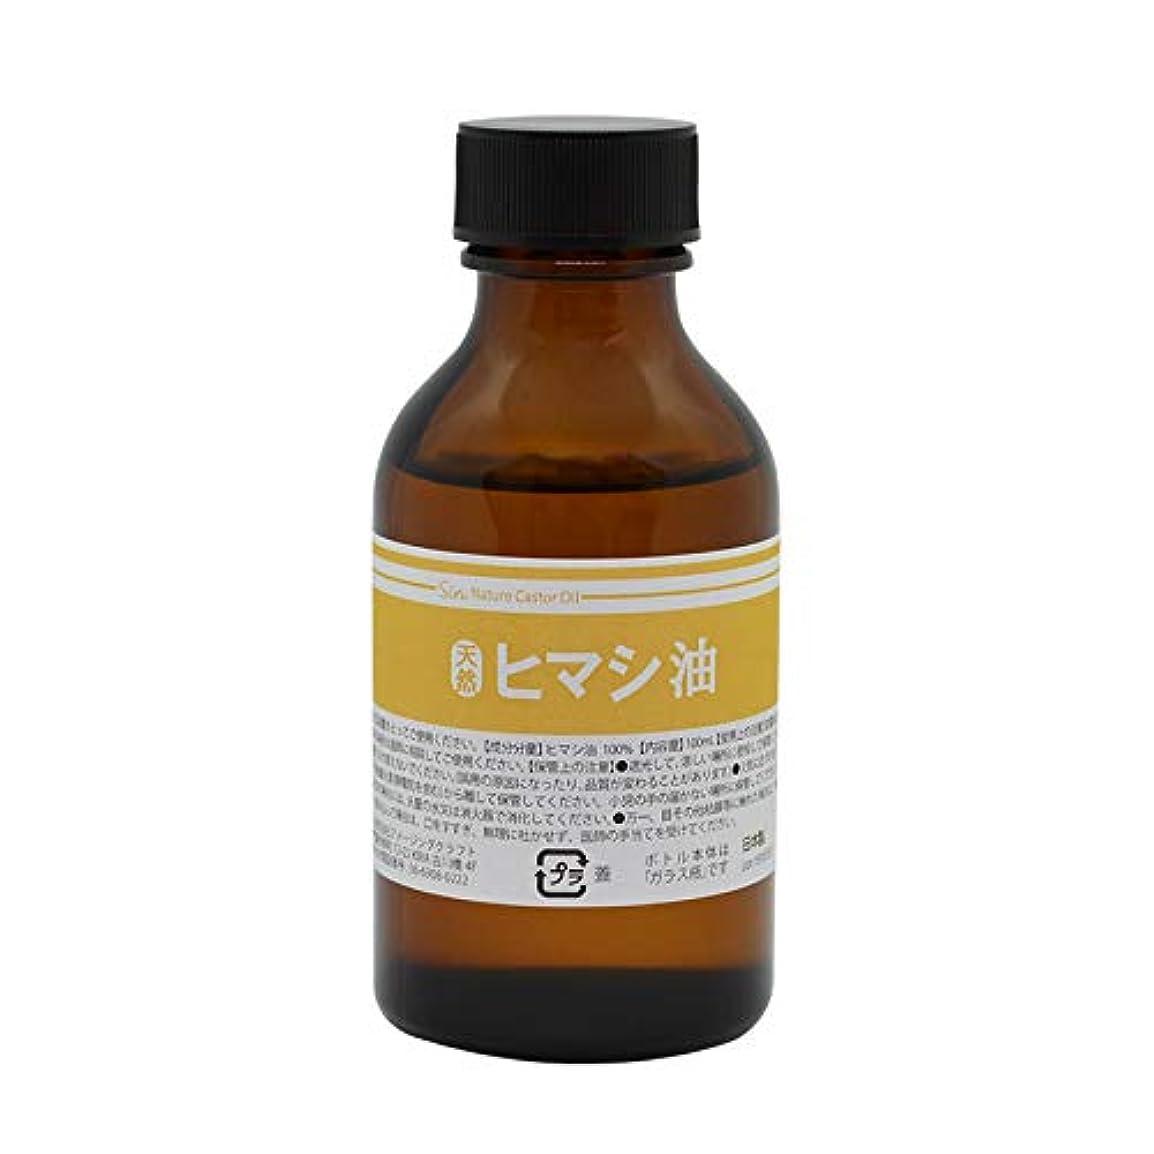 特権的いらいらする残り天然無添加 国内精製ひまし油 (キャスターオイル) 100ml